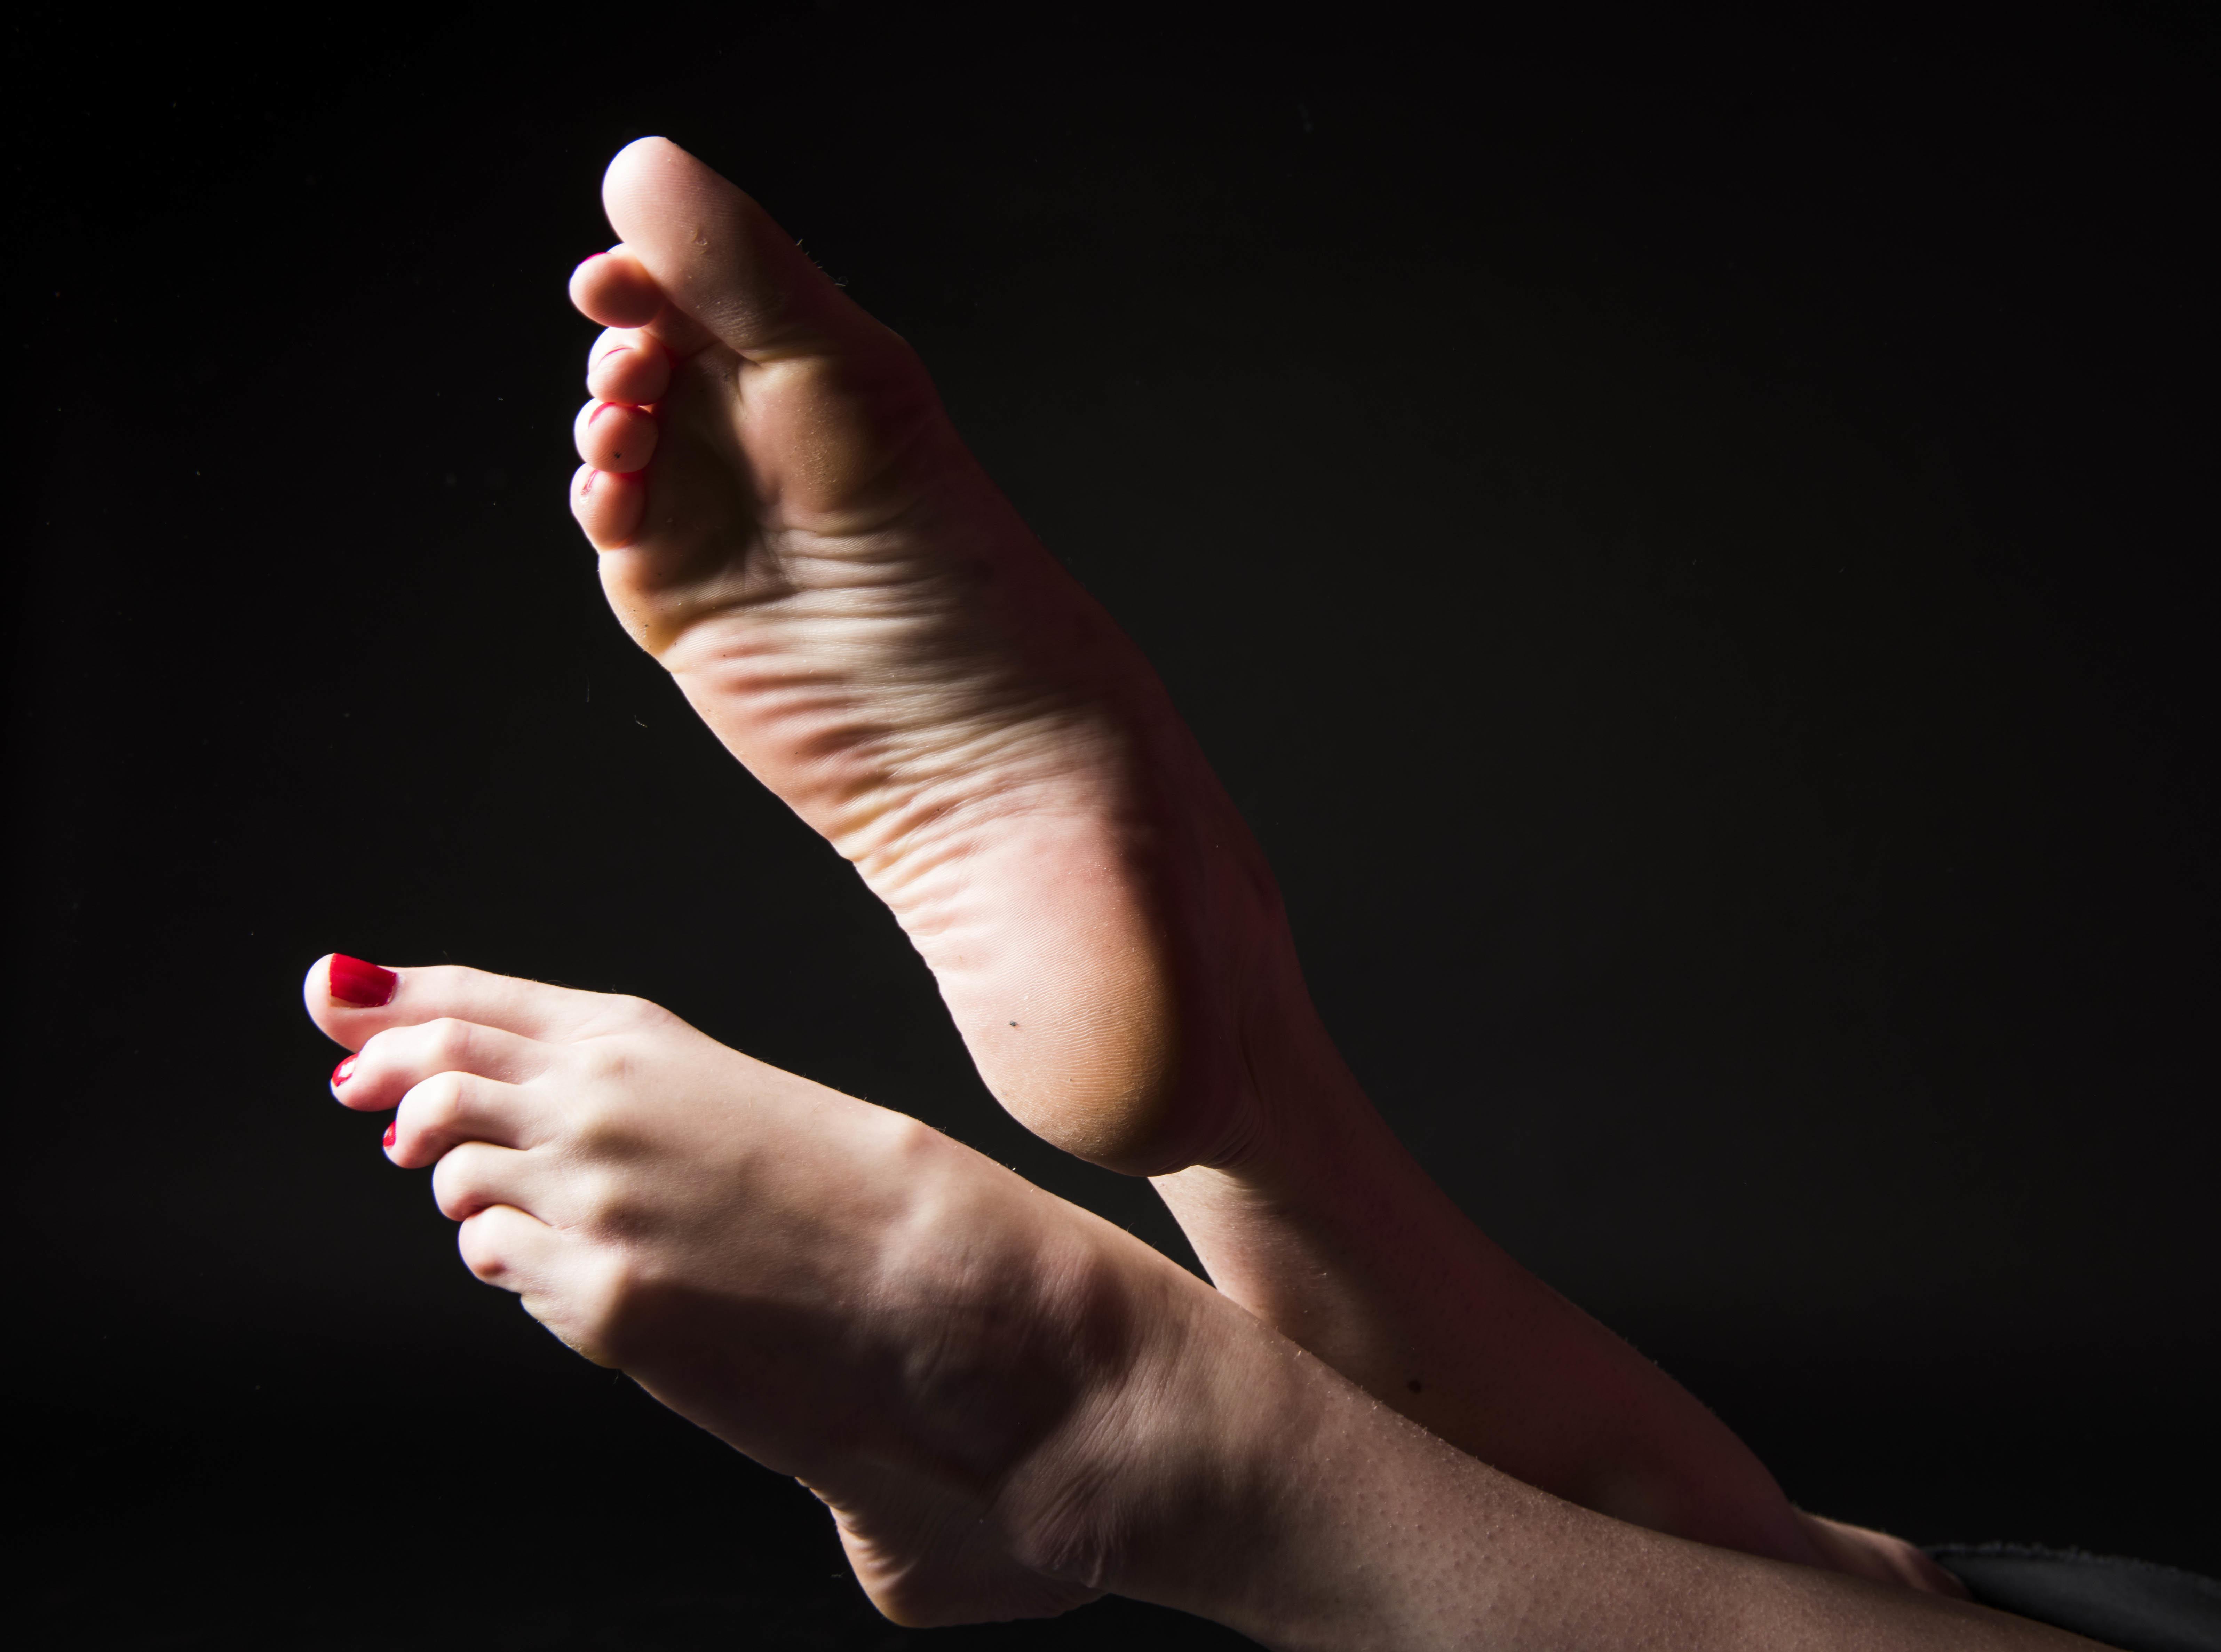 Asian mature feet can